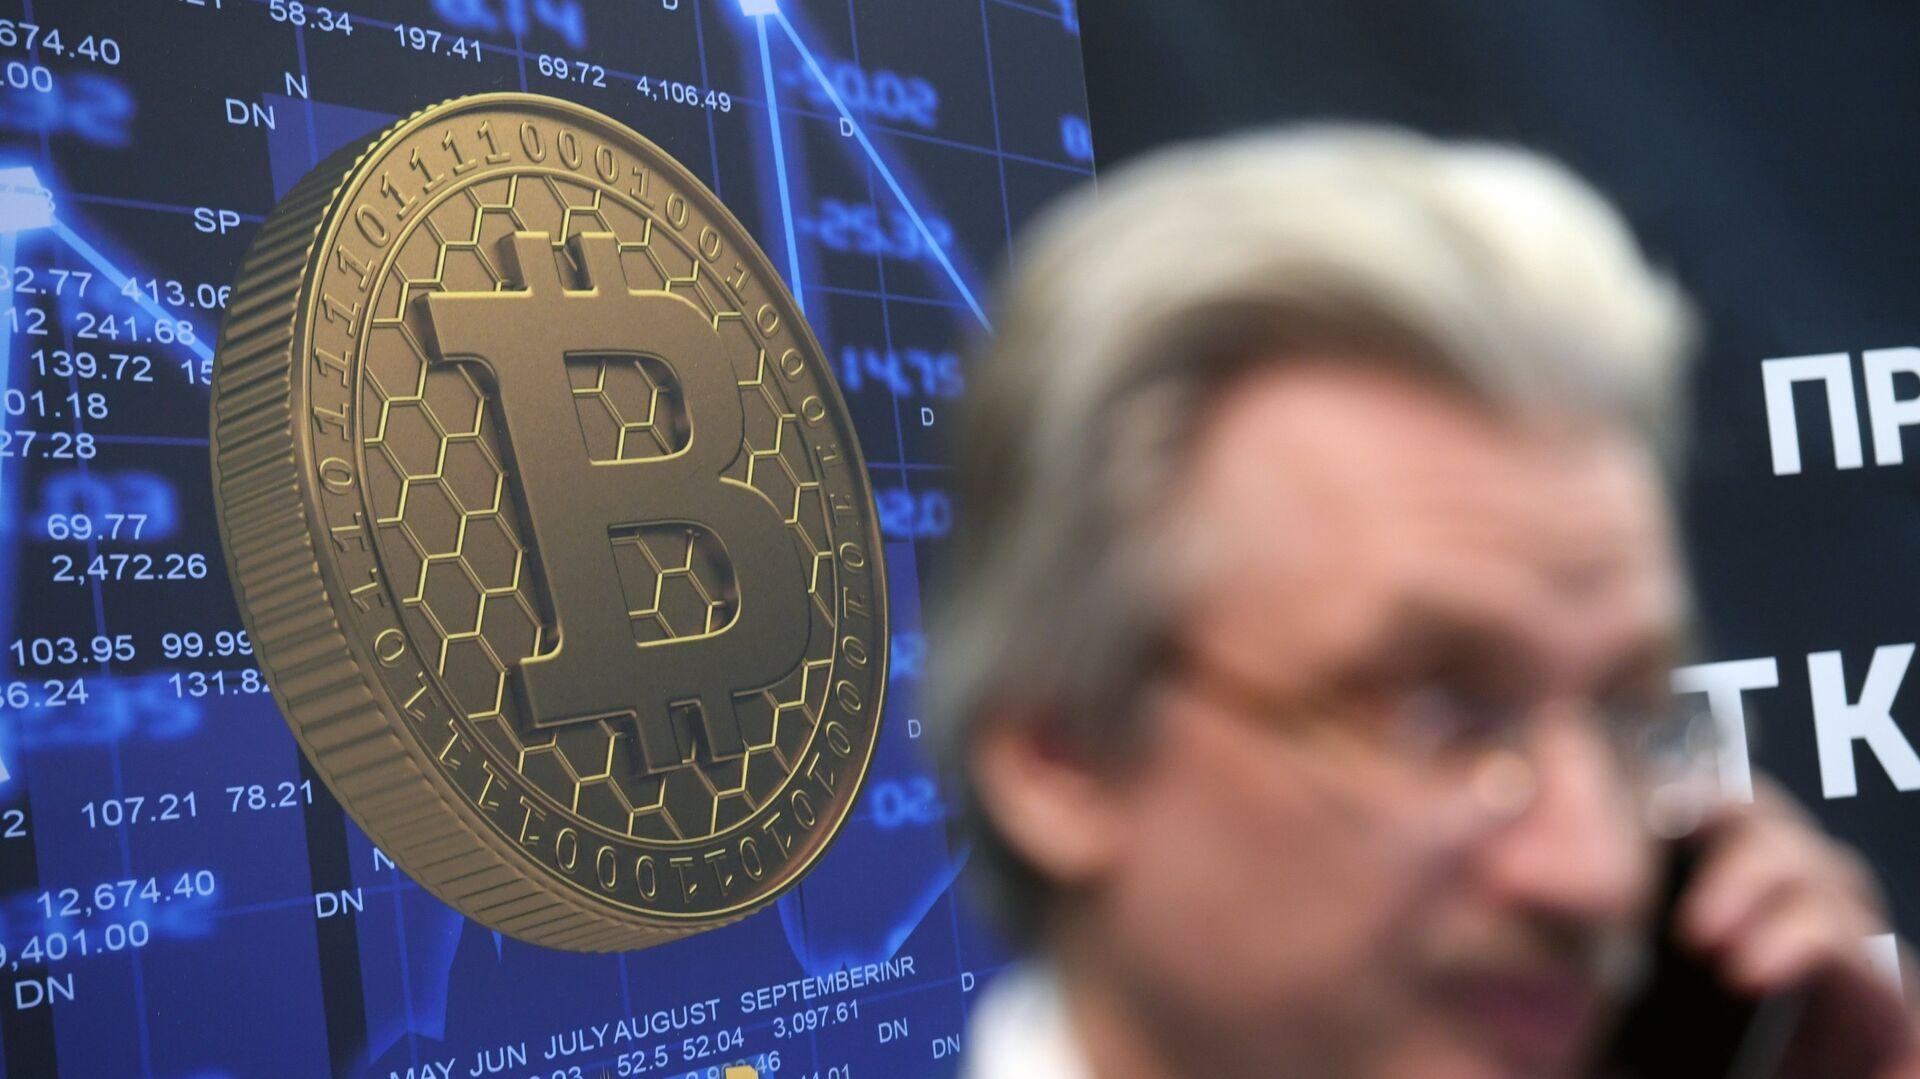 Цена биткоина побила новый исторический рекорд